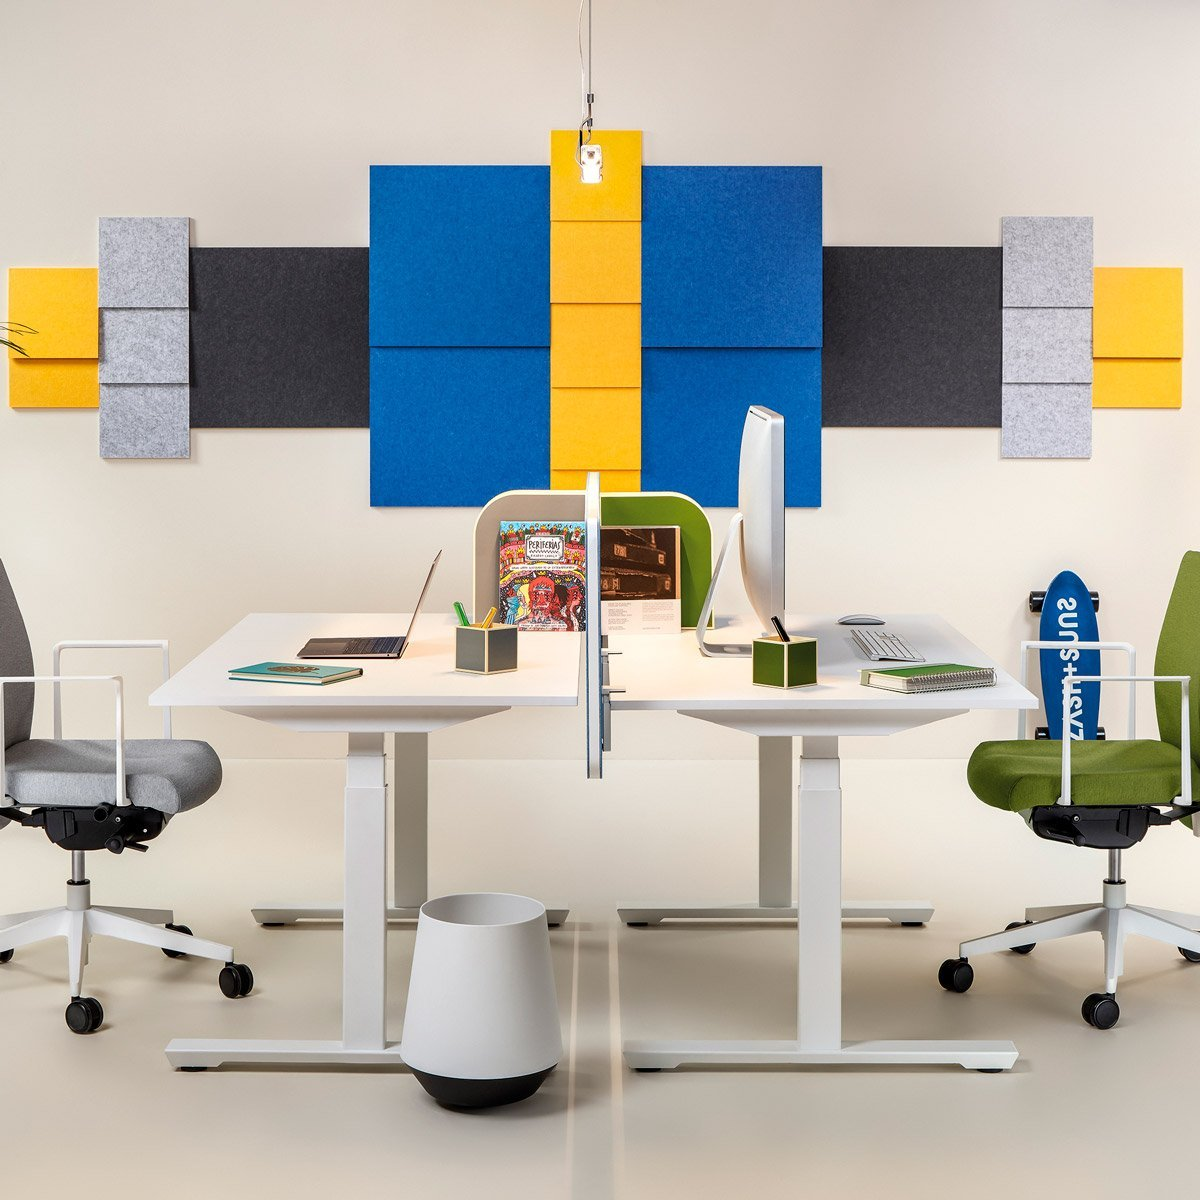 Cómo elegir la mesa de trabajo que mejor se adapta a ti - 22 NOT 2